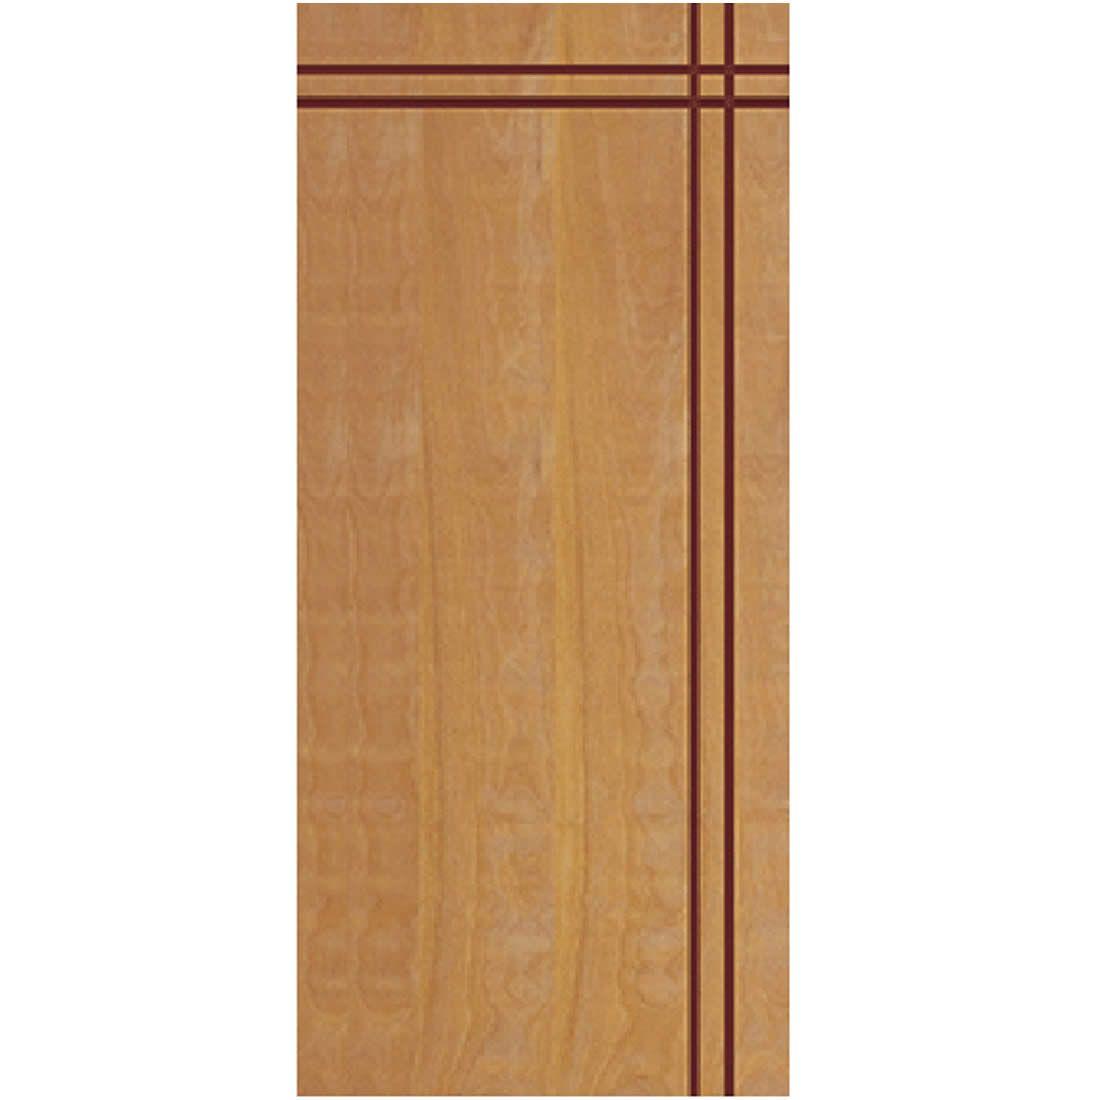 Porta 2,10 x 0,90m em Madeira Curupixa Semi Sólida Modelo 03 Frisada JB Paes